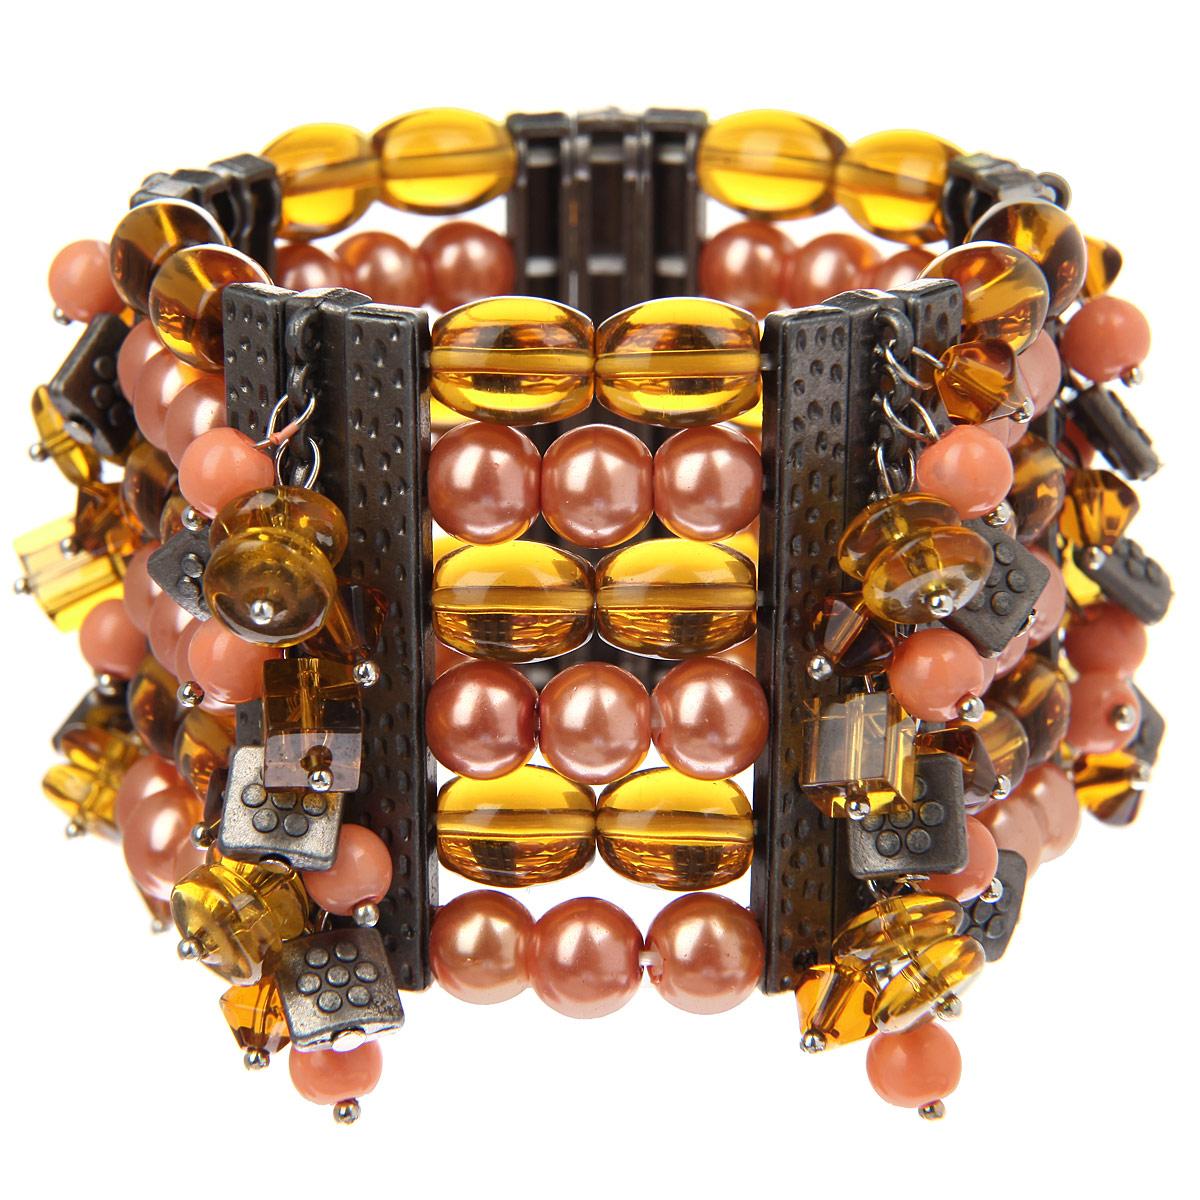 Браслет Taya, цвет: коралловый. T-B-8245-BRAC-CORALT-B-8245-BRAC-CORALСтильный женский браслет Taya выполнен в виде шести рядов оригинальных бусин, которые нанизаны на основу из эластичной резинки. Браслет оформлен всевозможными подвесками различных форм. Благодаря эластичной основе изделие идеально разместиться на запястье. Такой браслет позволит вам с легкостью воплотить самую смелую фантазию и создать собственный неповторимый образ.